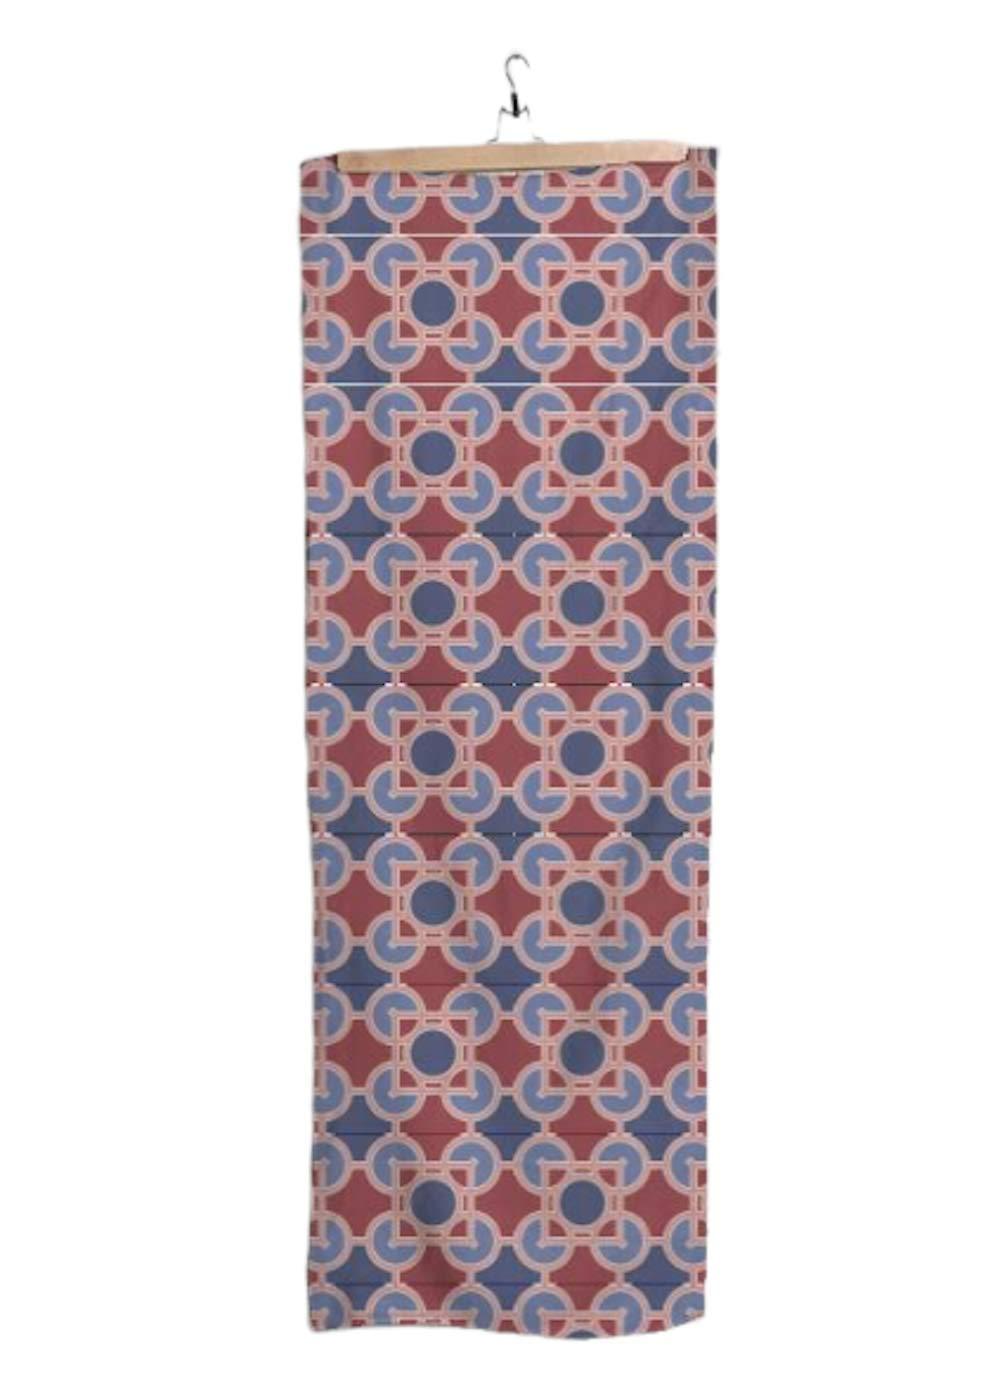 VIDA | Luxfer Crimson & Blue Modal Scarf | Original Artwork Designed by Frank Lloyd Wright by VIDA